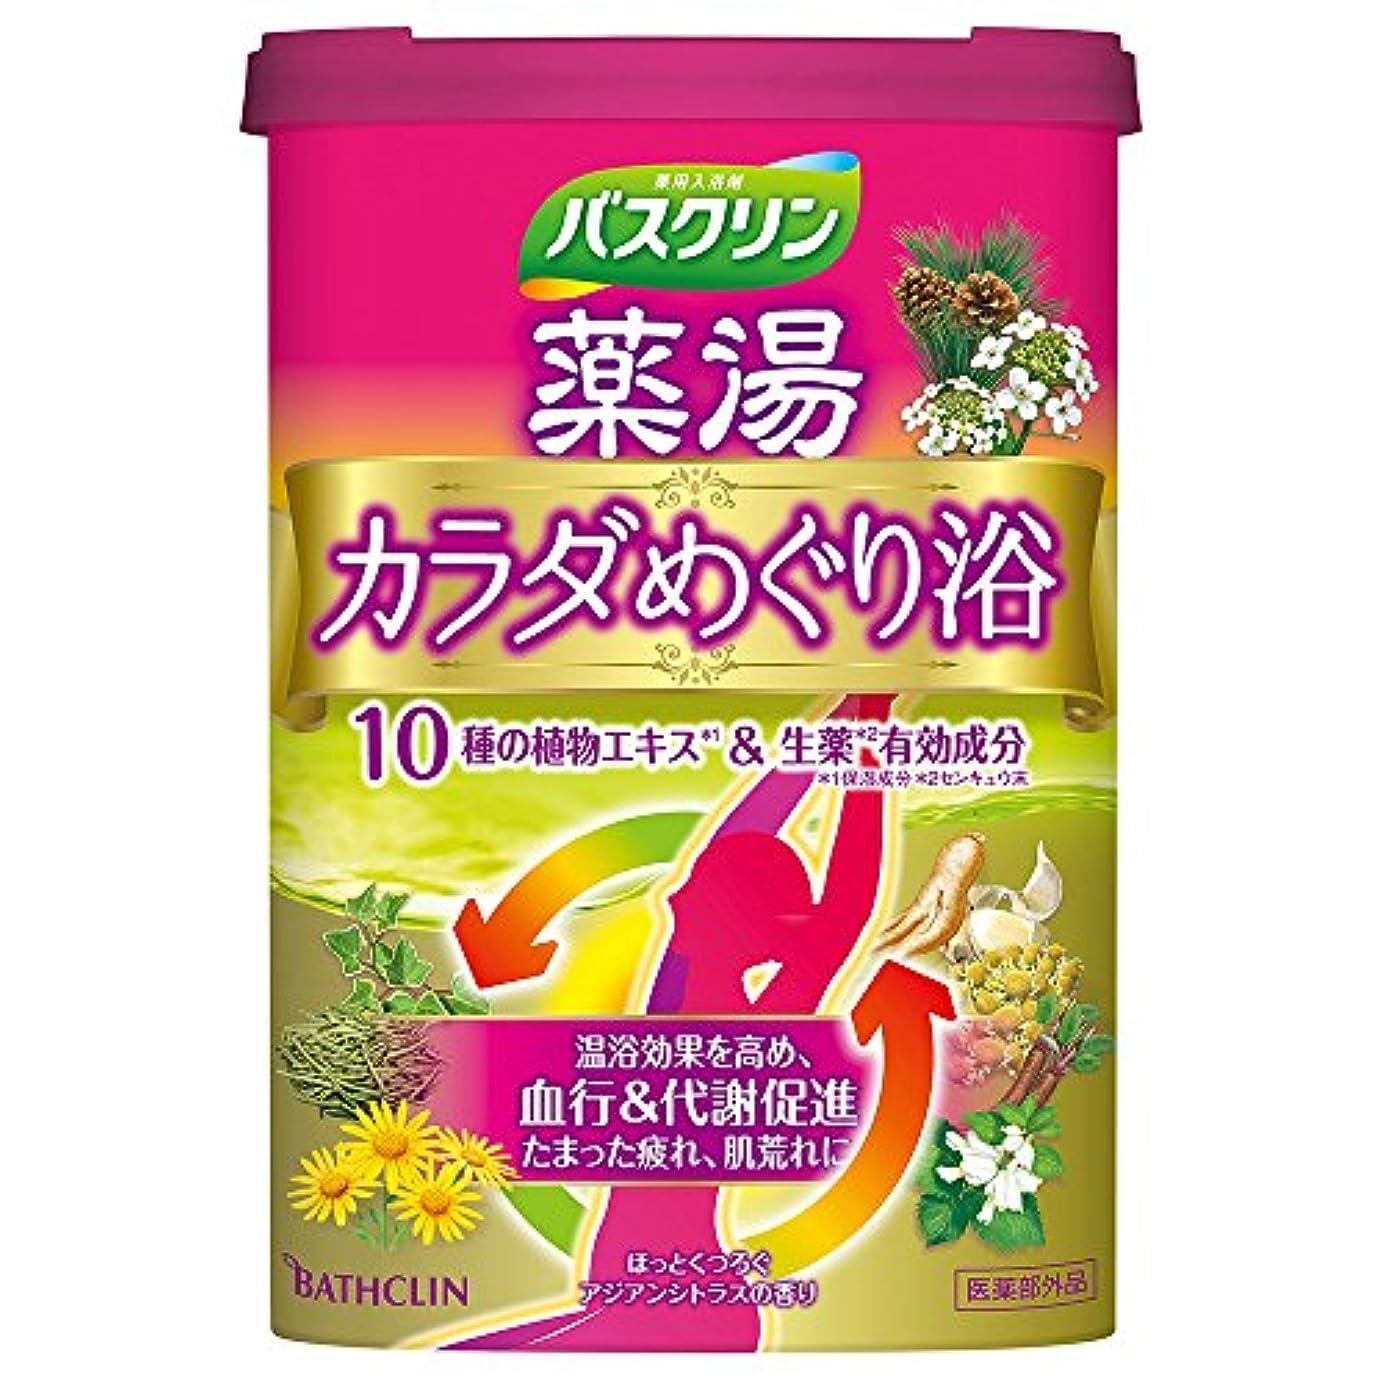 フォーマル図番目バスクリン薬湯 カラダめぐり浴 ほっとくつろぐアジアンシトラスの香り 600g 入浴剤 (医薬部外品)